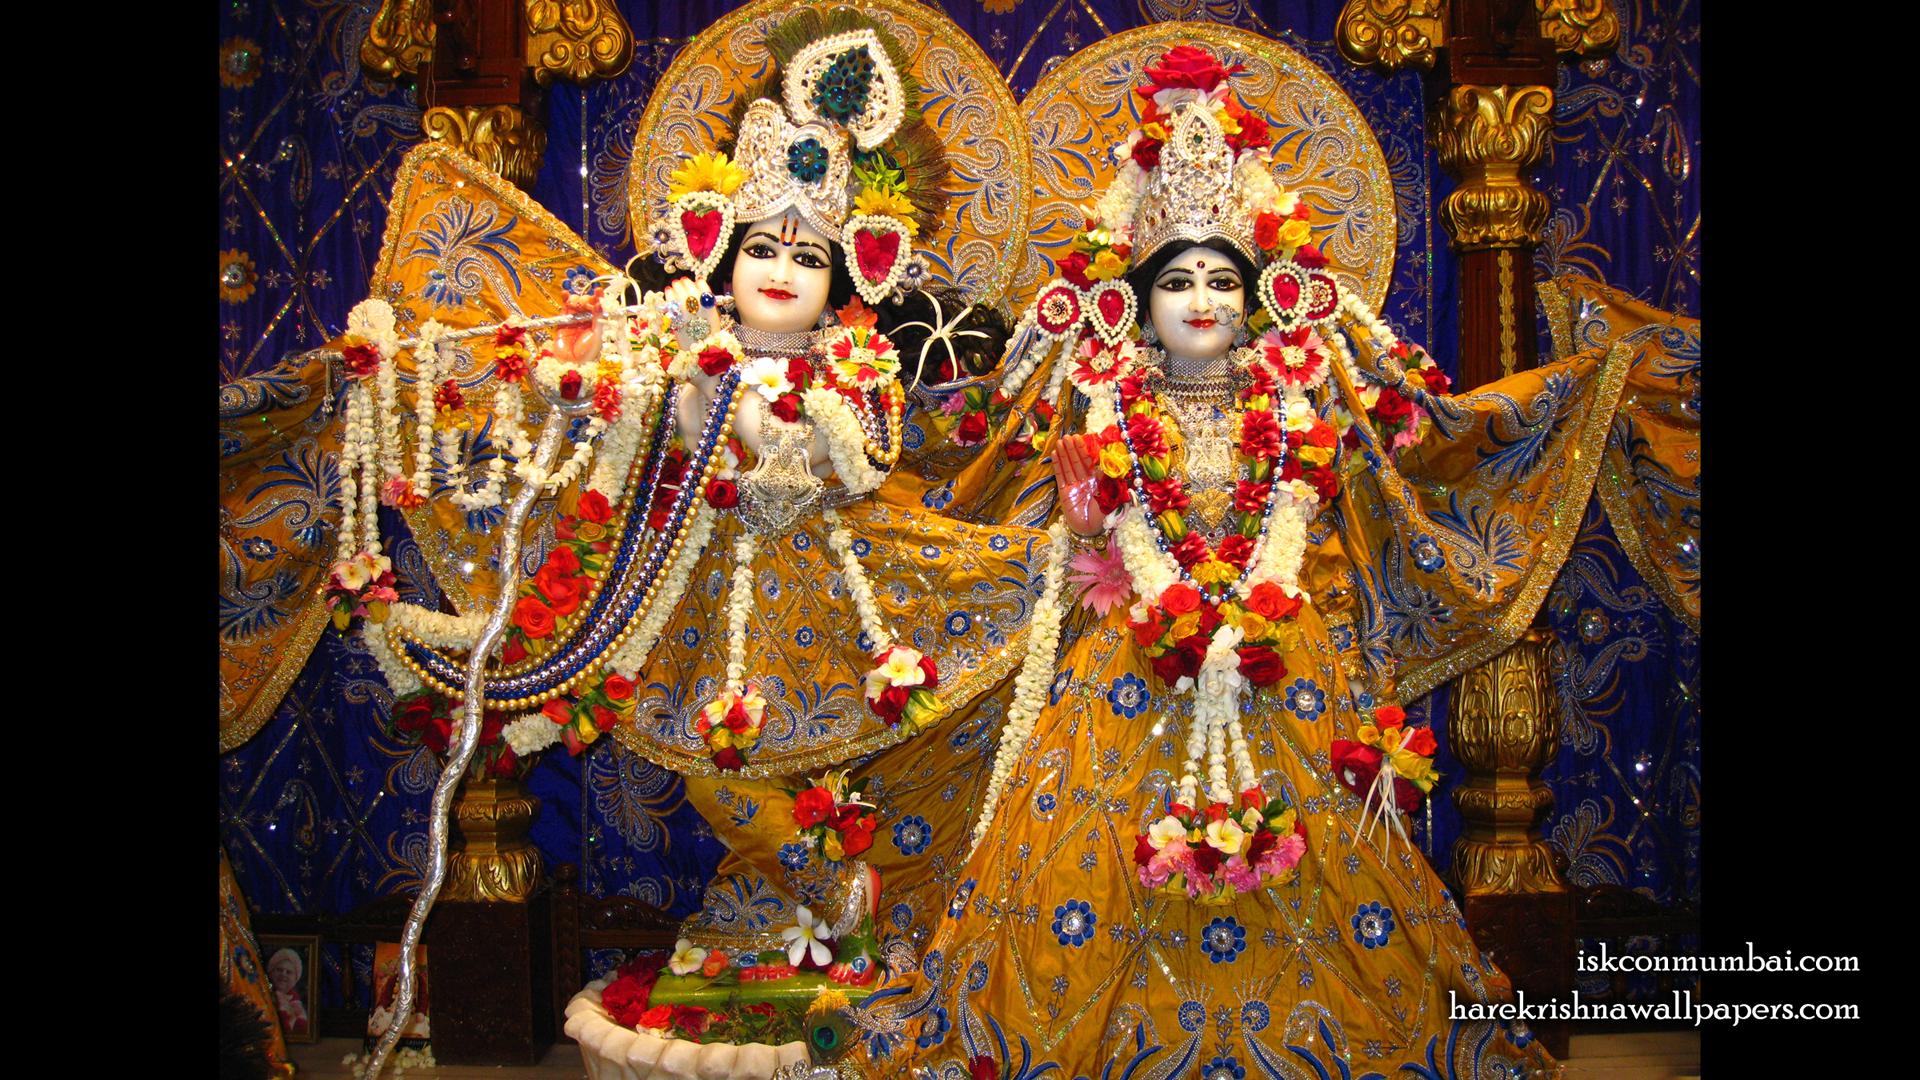 Sri Sri Radha Rasabihari Wallpaper (001) Size 1920x1080 Download